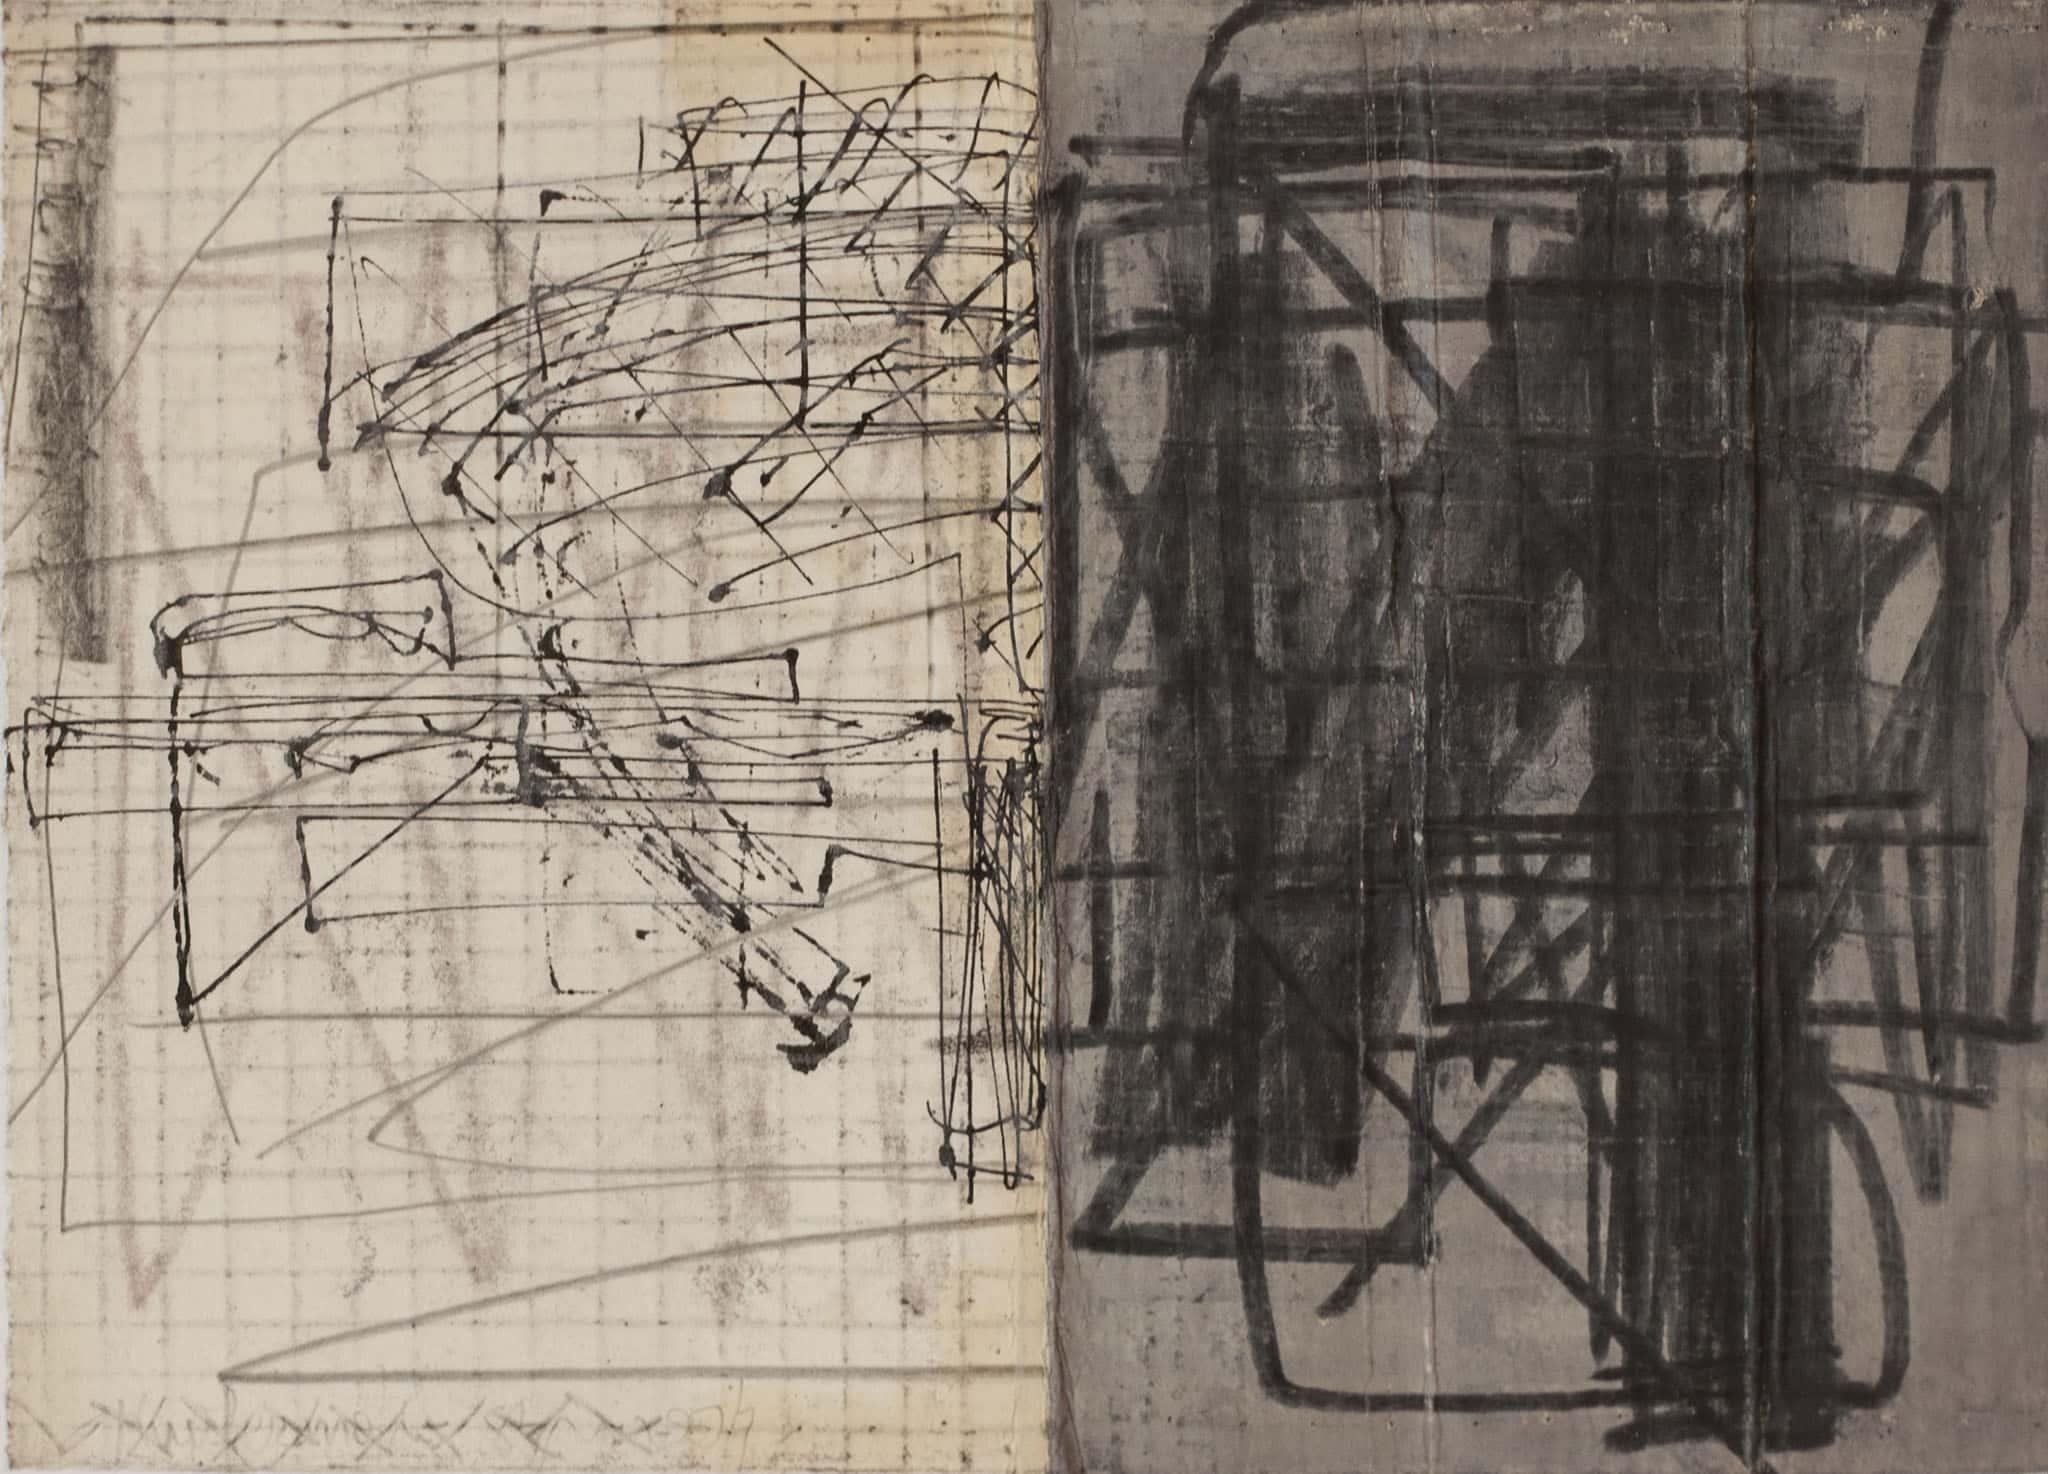 """משה קופפרמן, """"ללא כותרת"""", 1984, טכניקה מעורבת על נייר, 25x18 ס""""מ"""